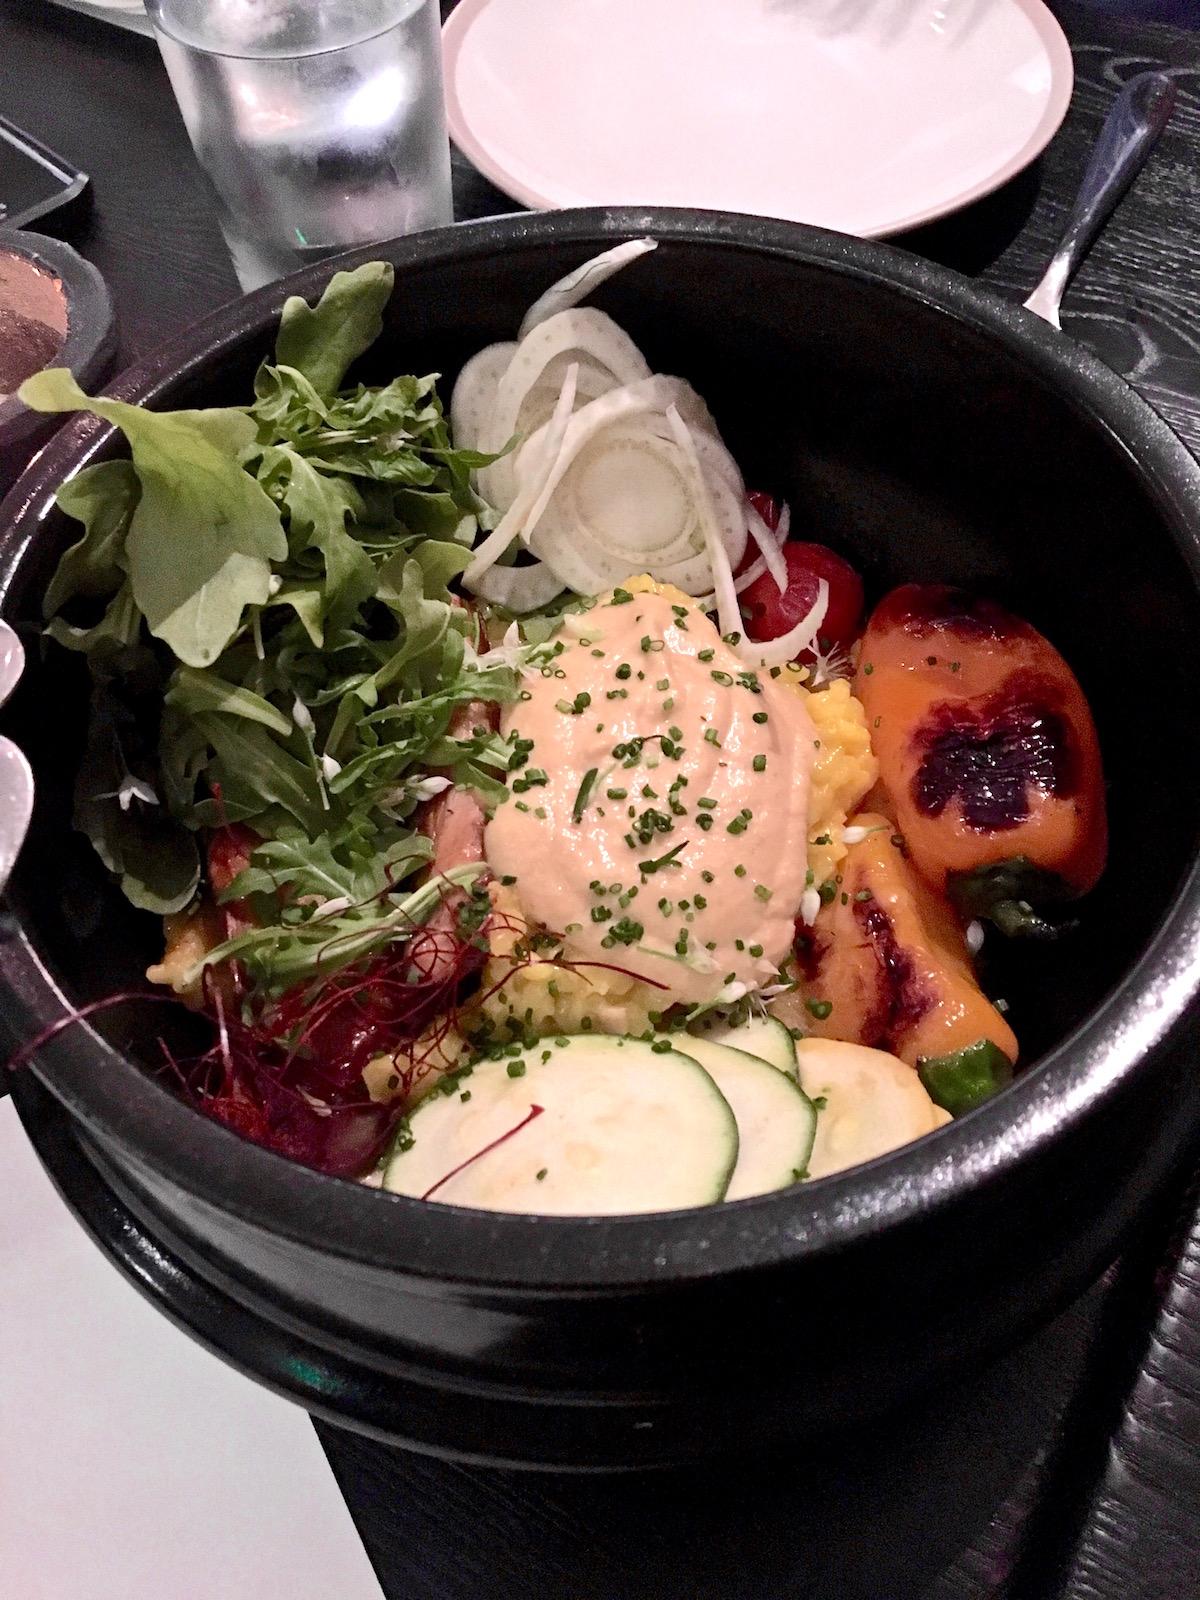 Erven Plant Based Restaurant Santa Monica hot pot   TastingPage.com